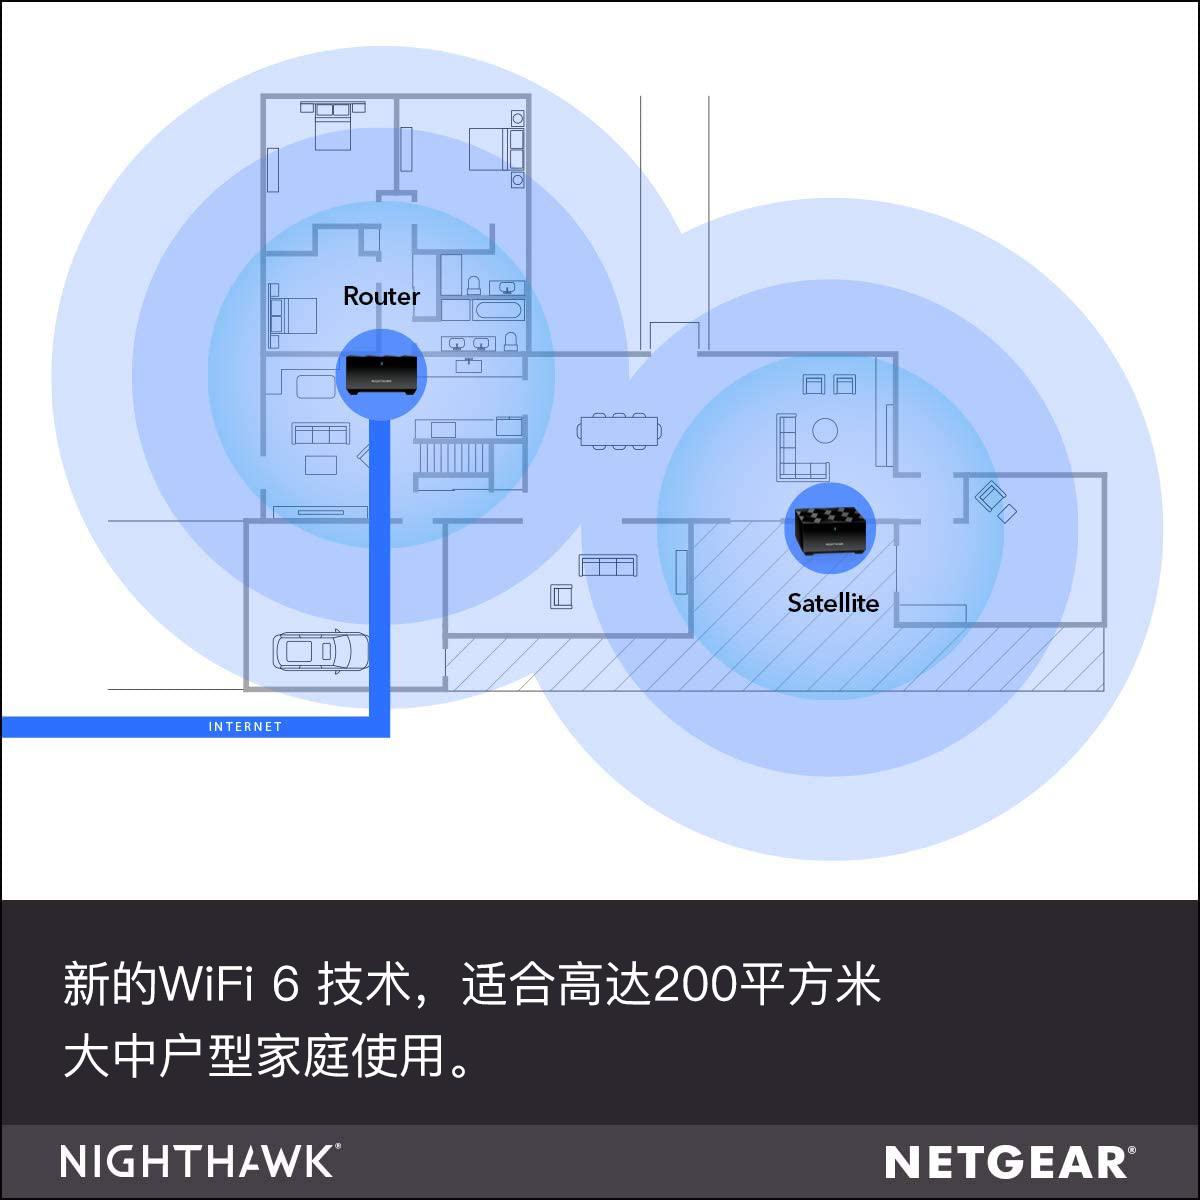 分布式路由器 AX1800M 大户型家用 MESH EASY 双频千兆 MK62 网件 NETGEAR